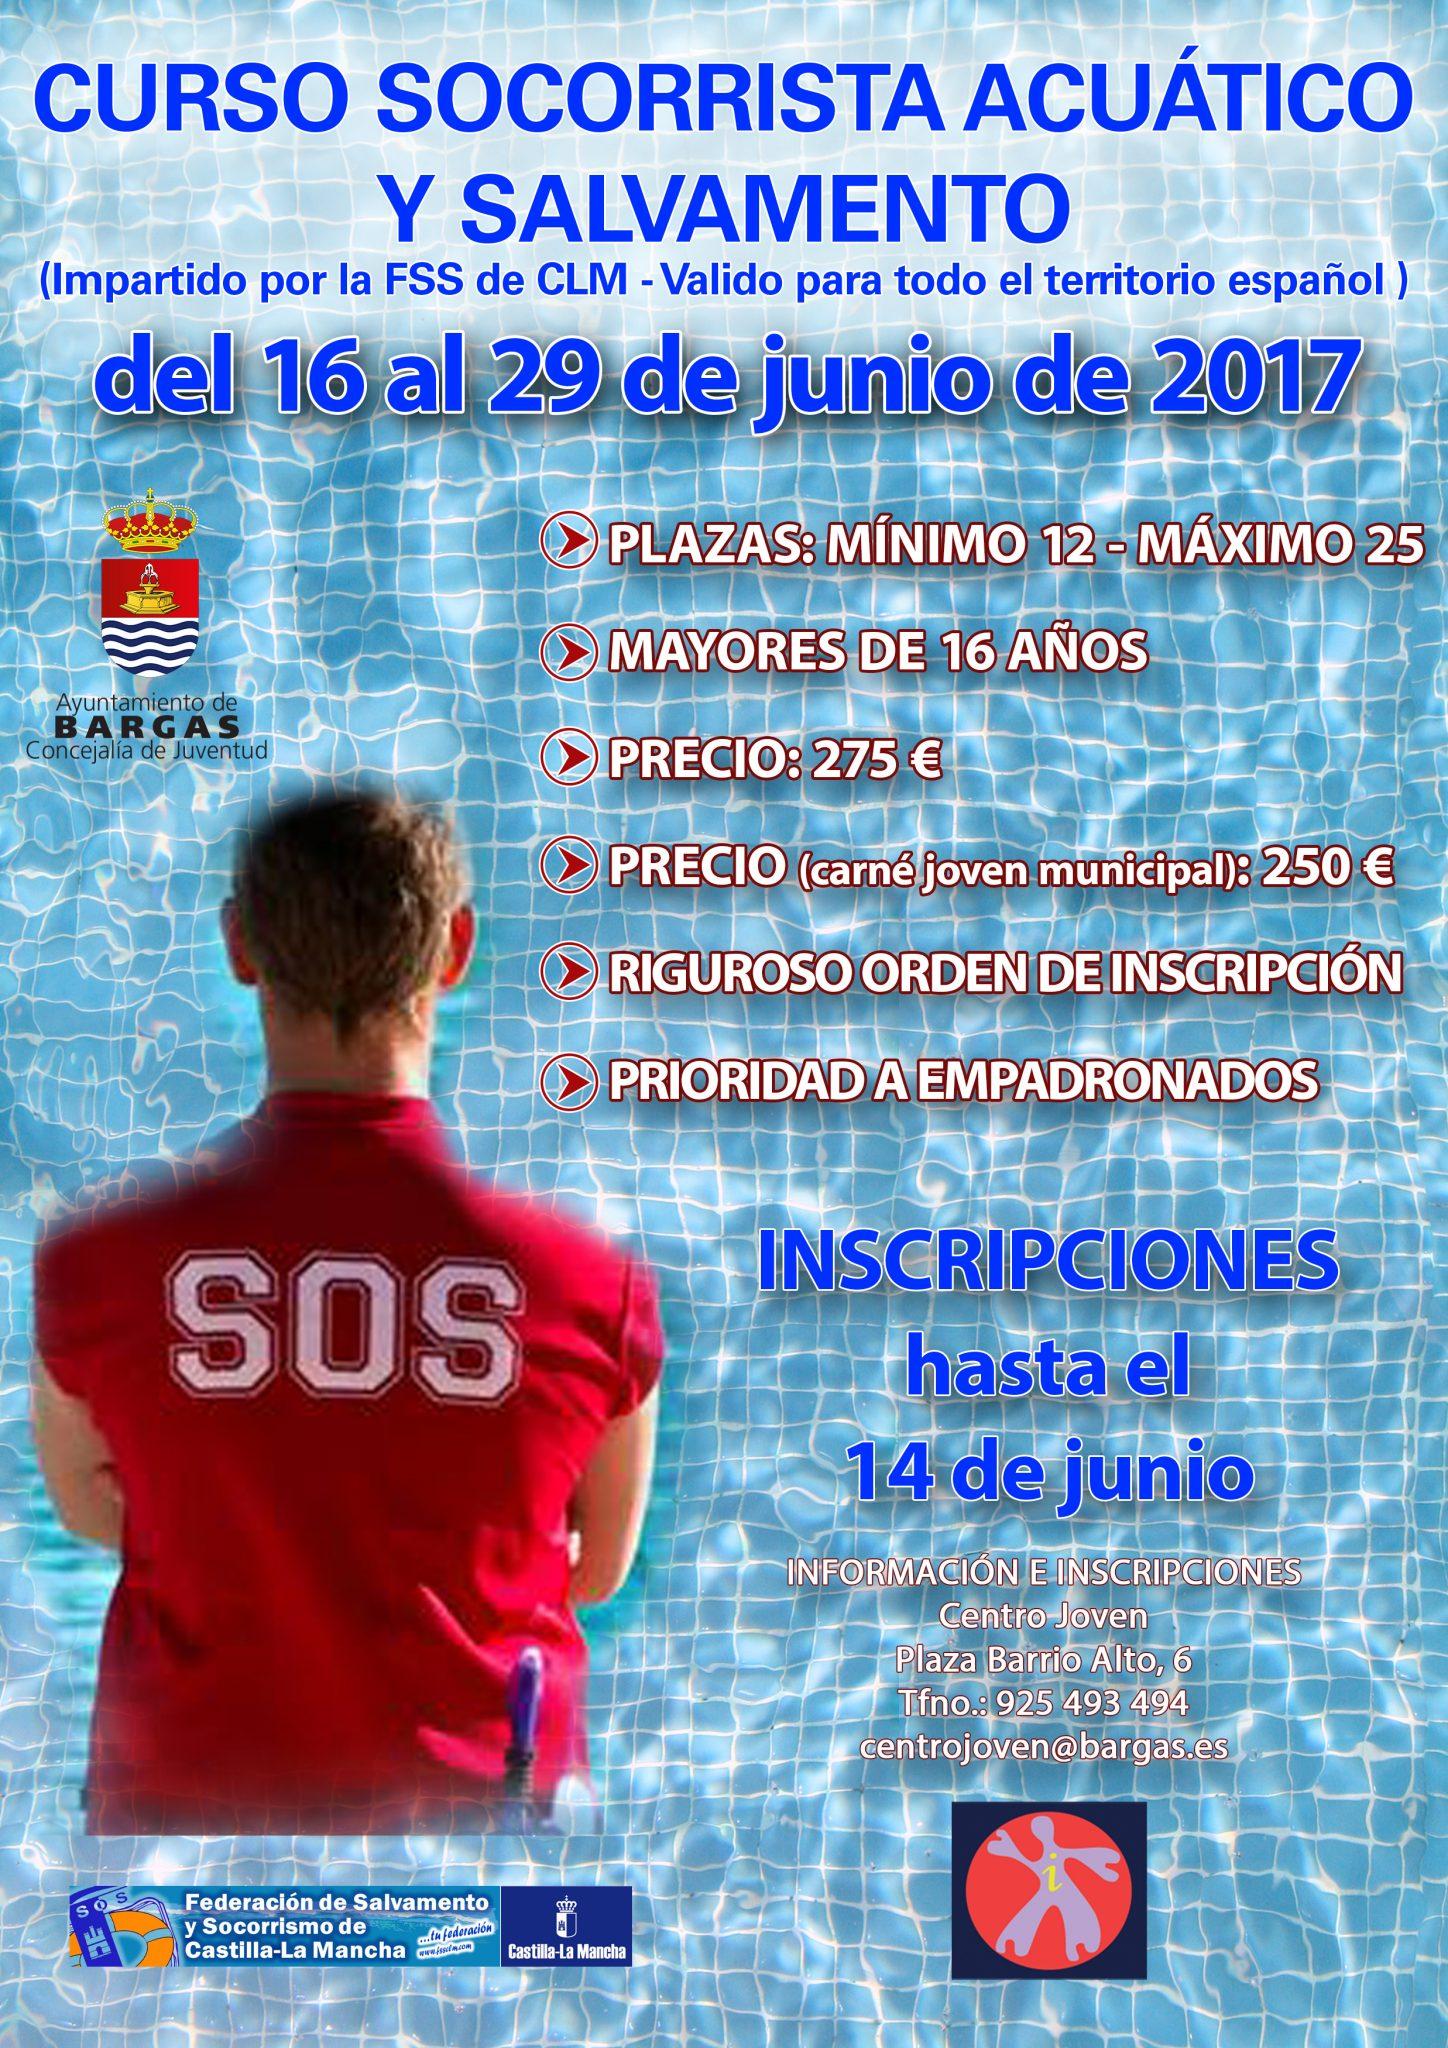 Curso de socorrista acuático y salvamento – 2017